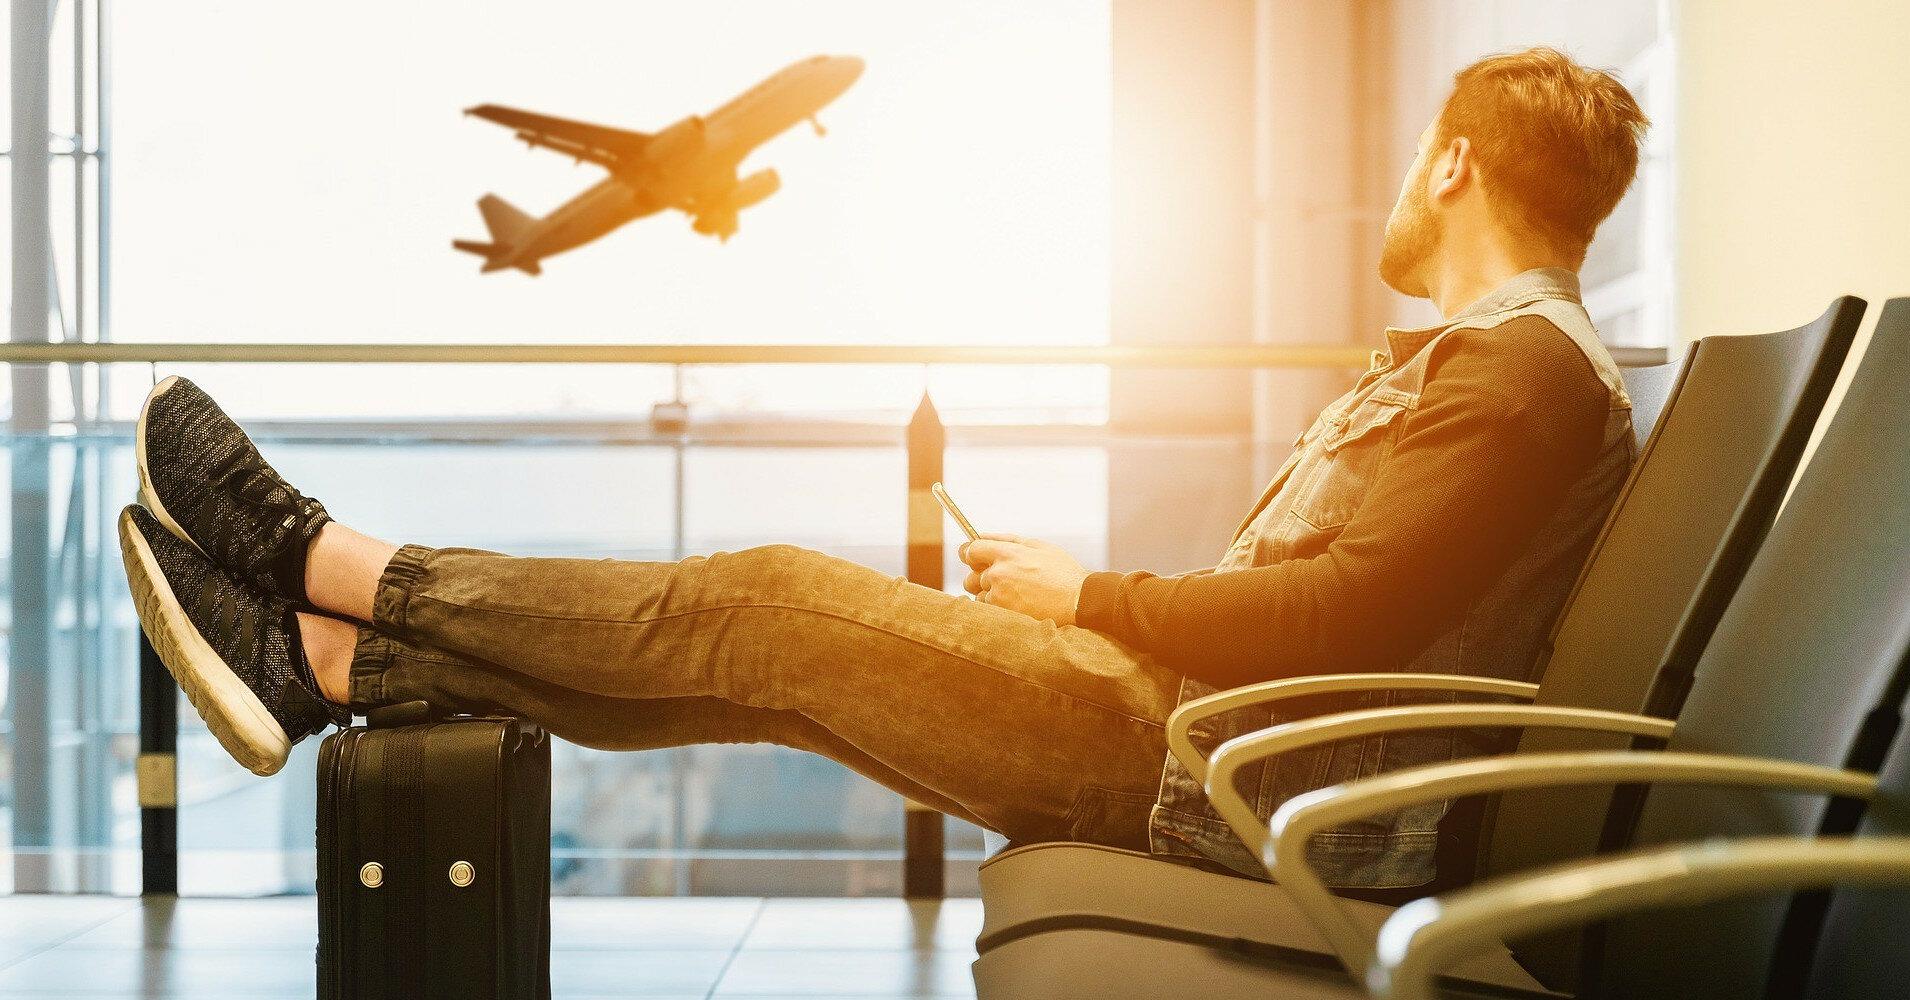 МАУ увеличила число рейсов: перечень популярных направлений